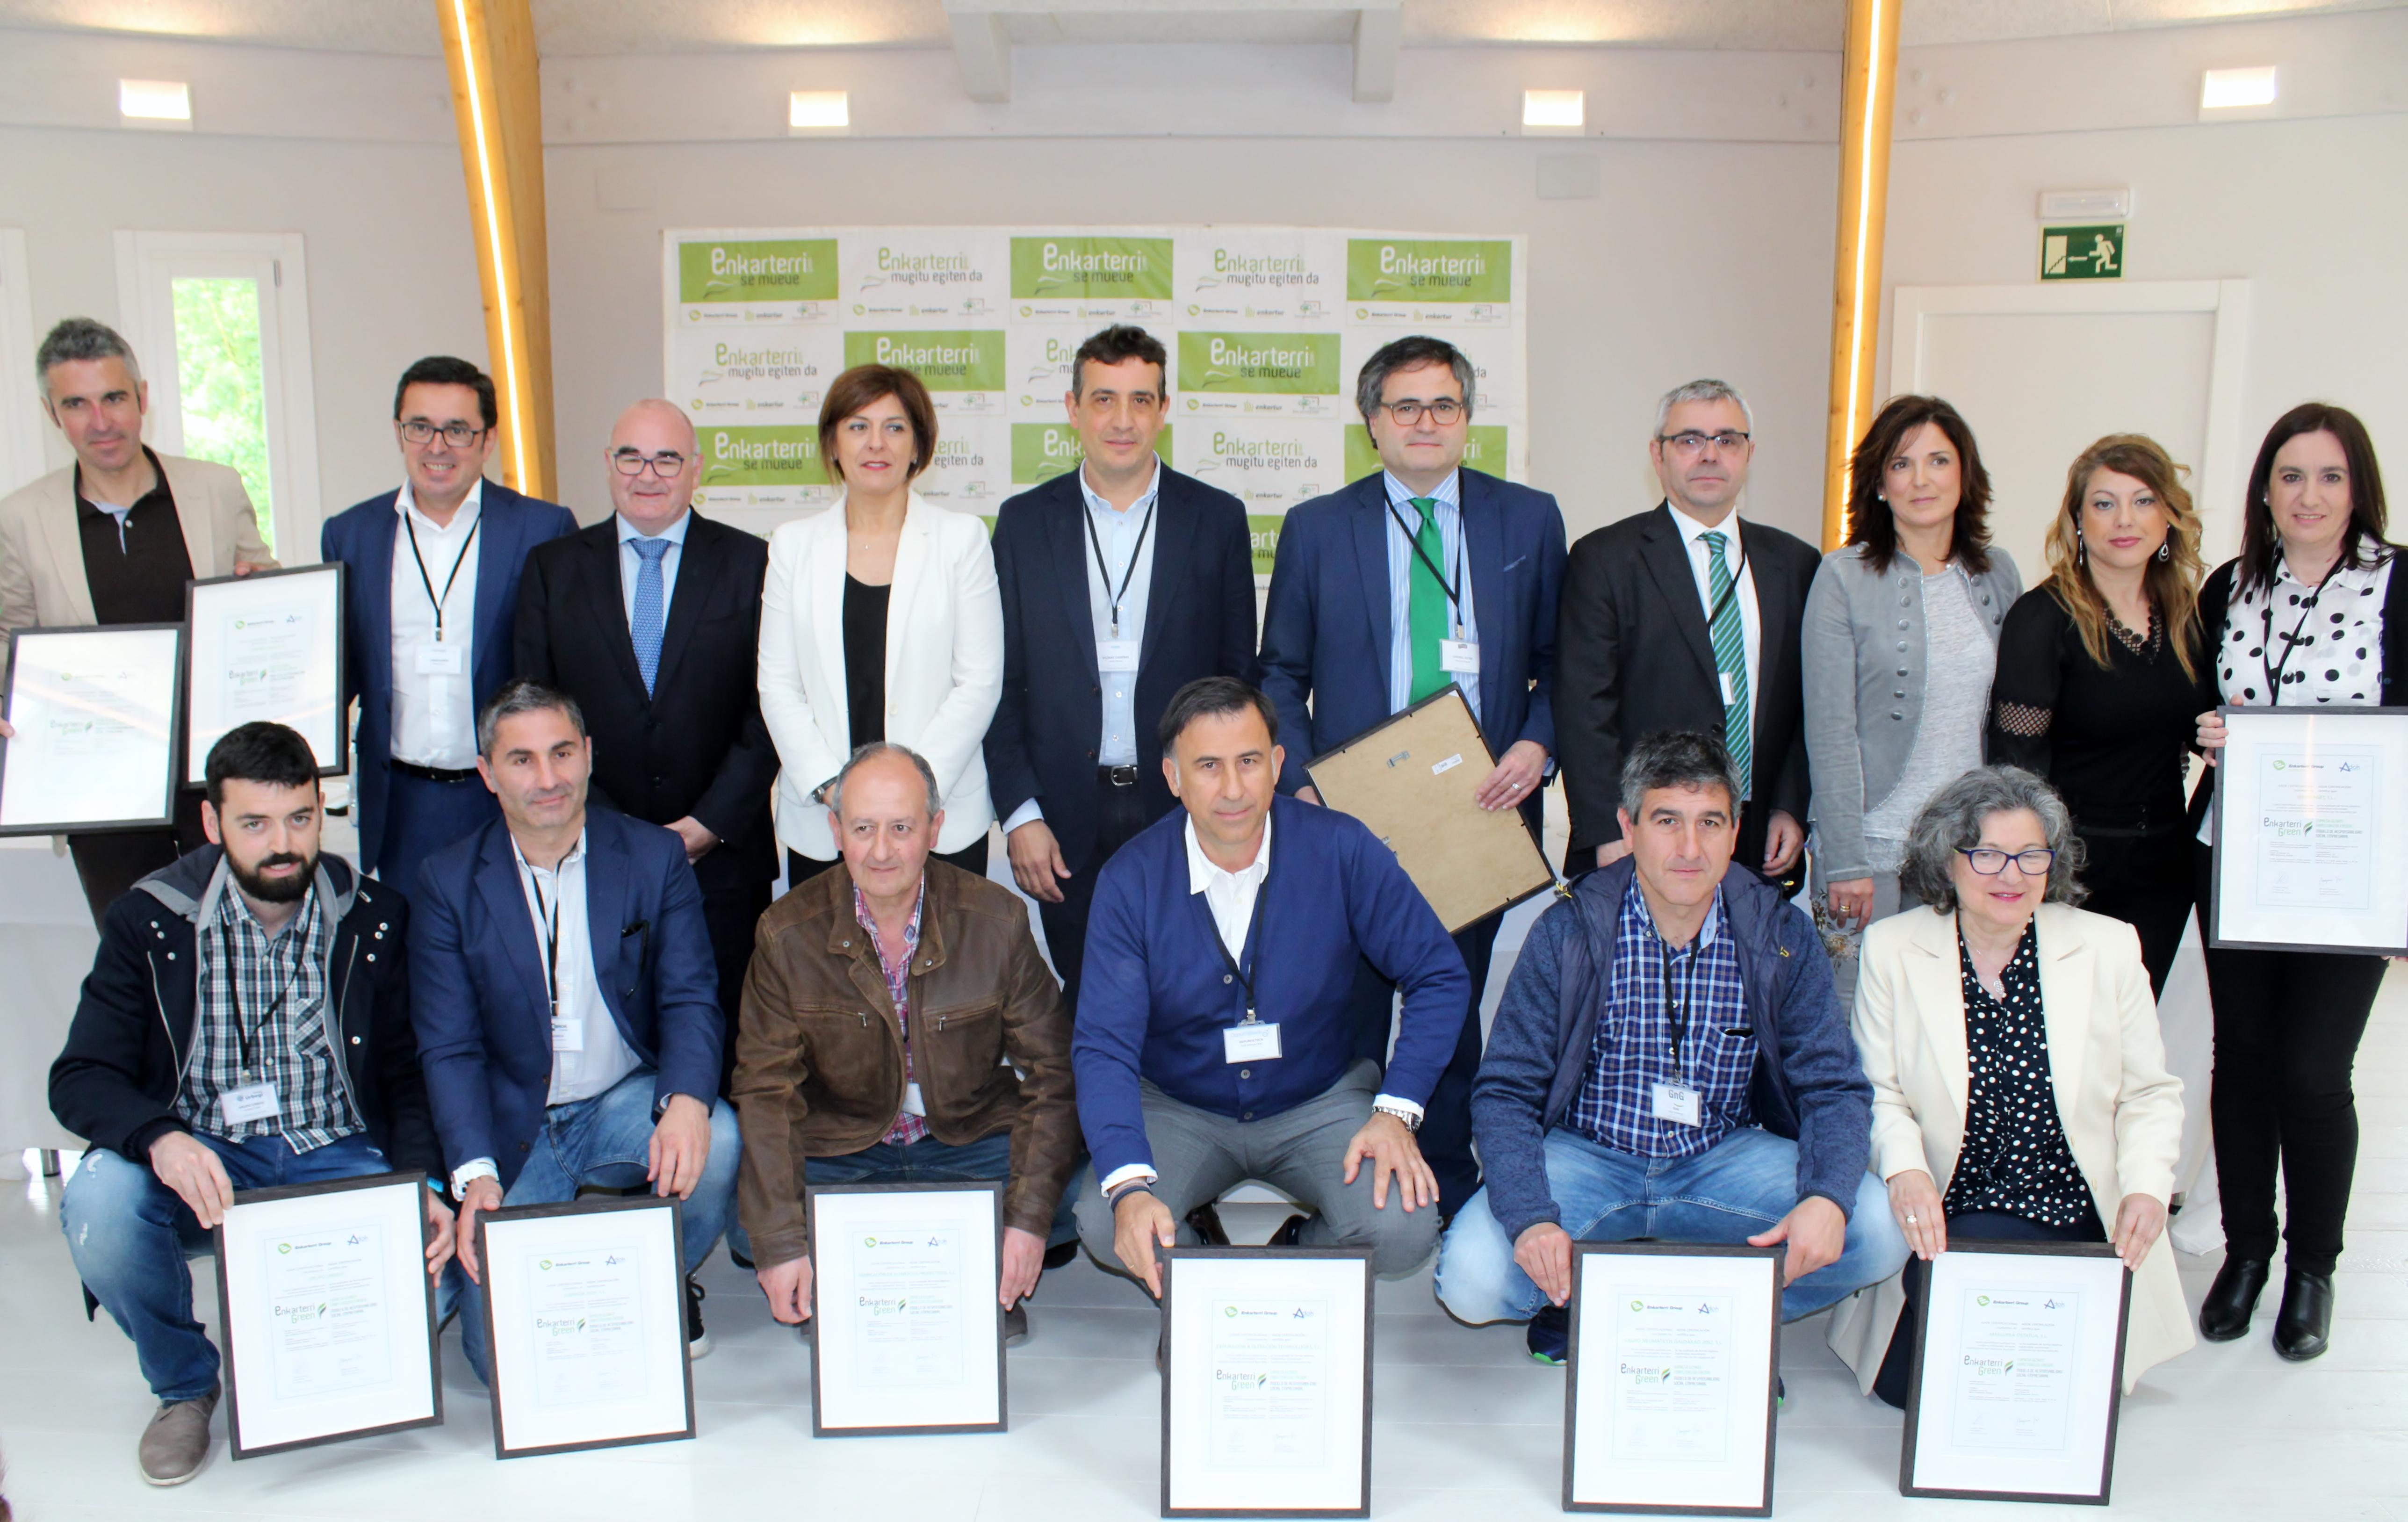 Enkarterri Group reconoce la Responsabilidad Social de las empresas de la comarca de Las Encartaciones